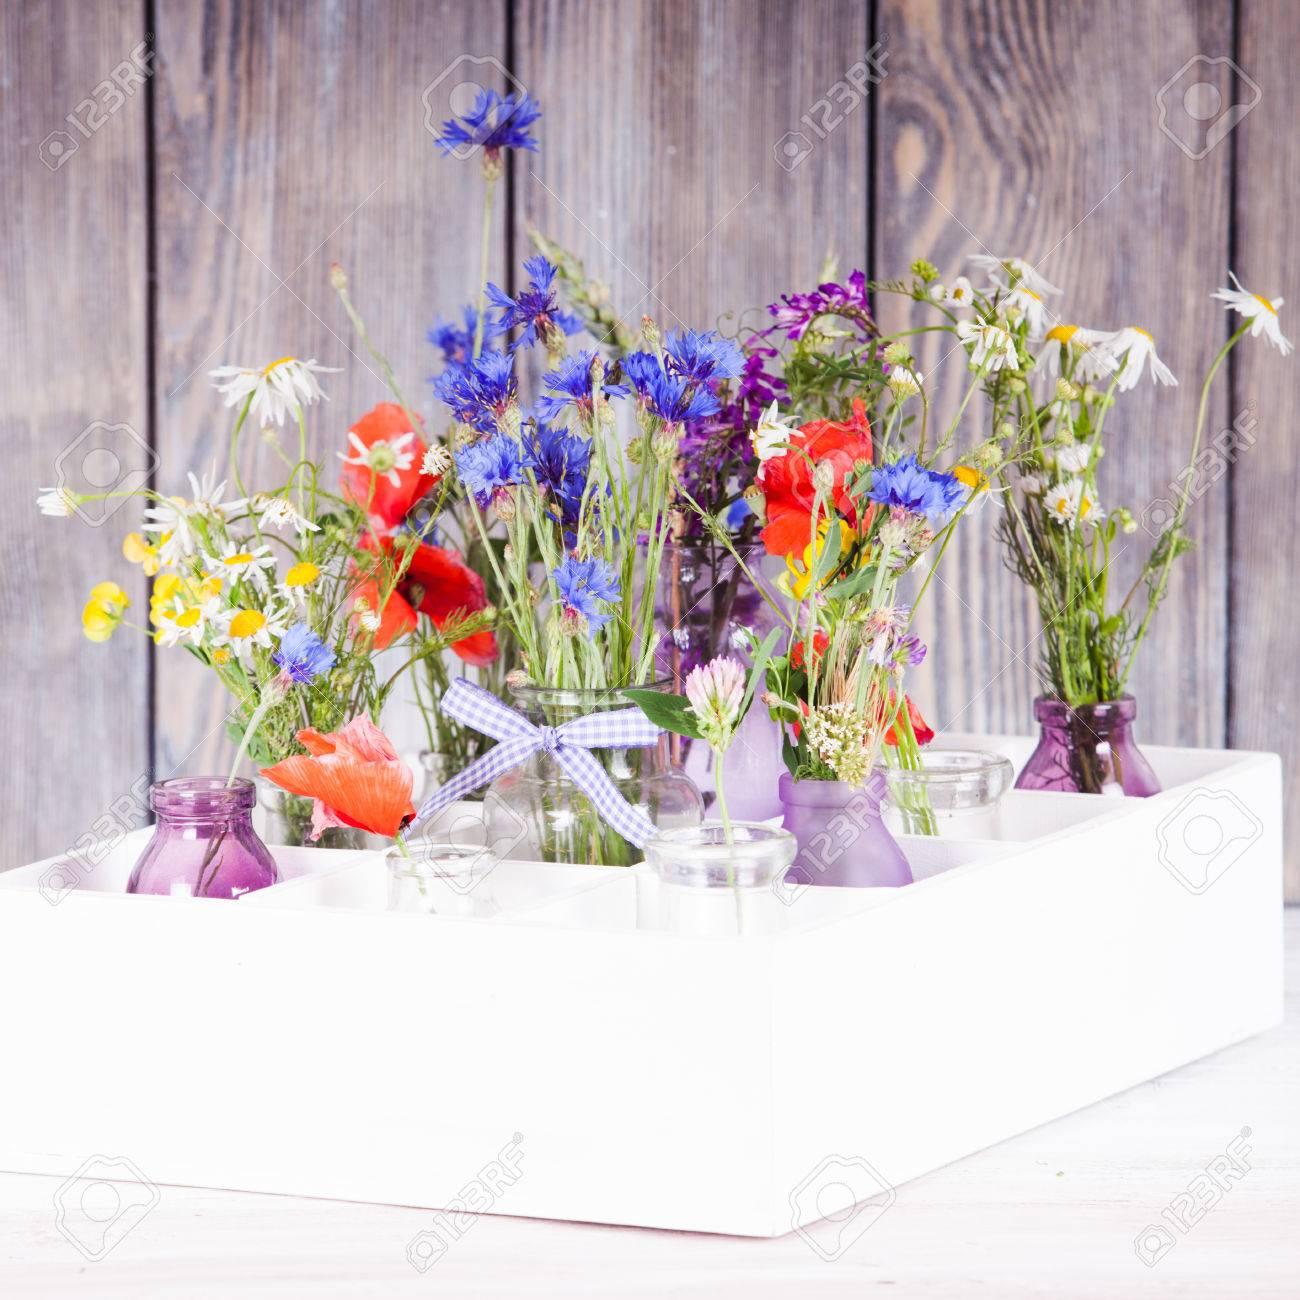 Full Size of Wildblumen In Flaschen Kiste Kche Blumen Küche Landhausstil Schreinerküche Singleküche Waschbecken Sitzgruppe Gebrauchte Einbauküche Spüle Zusammenstellen Wohnzimmer Kisten Küche